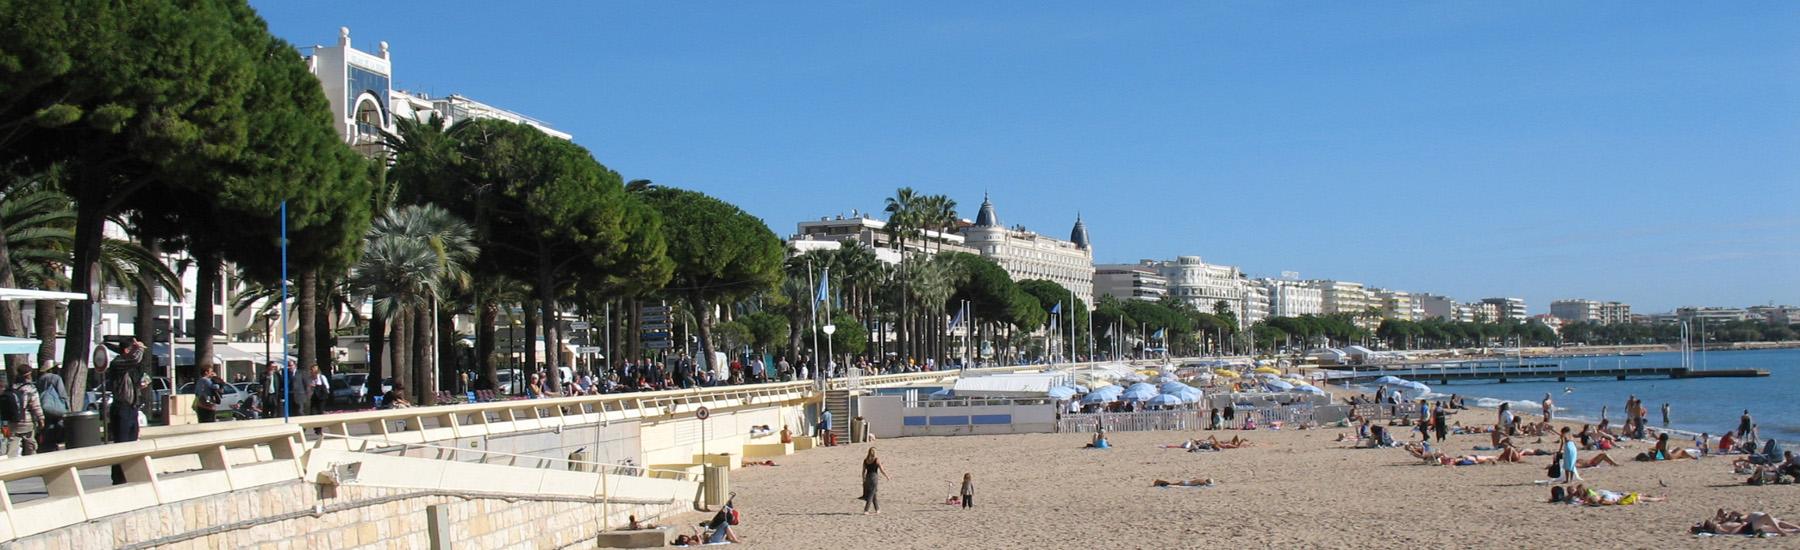 Restaurant Rue D Antibes Cannes